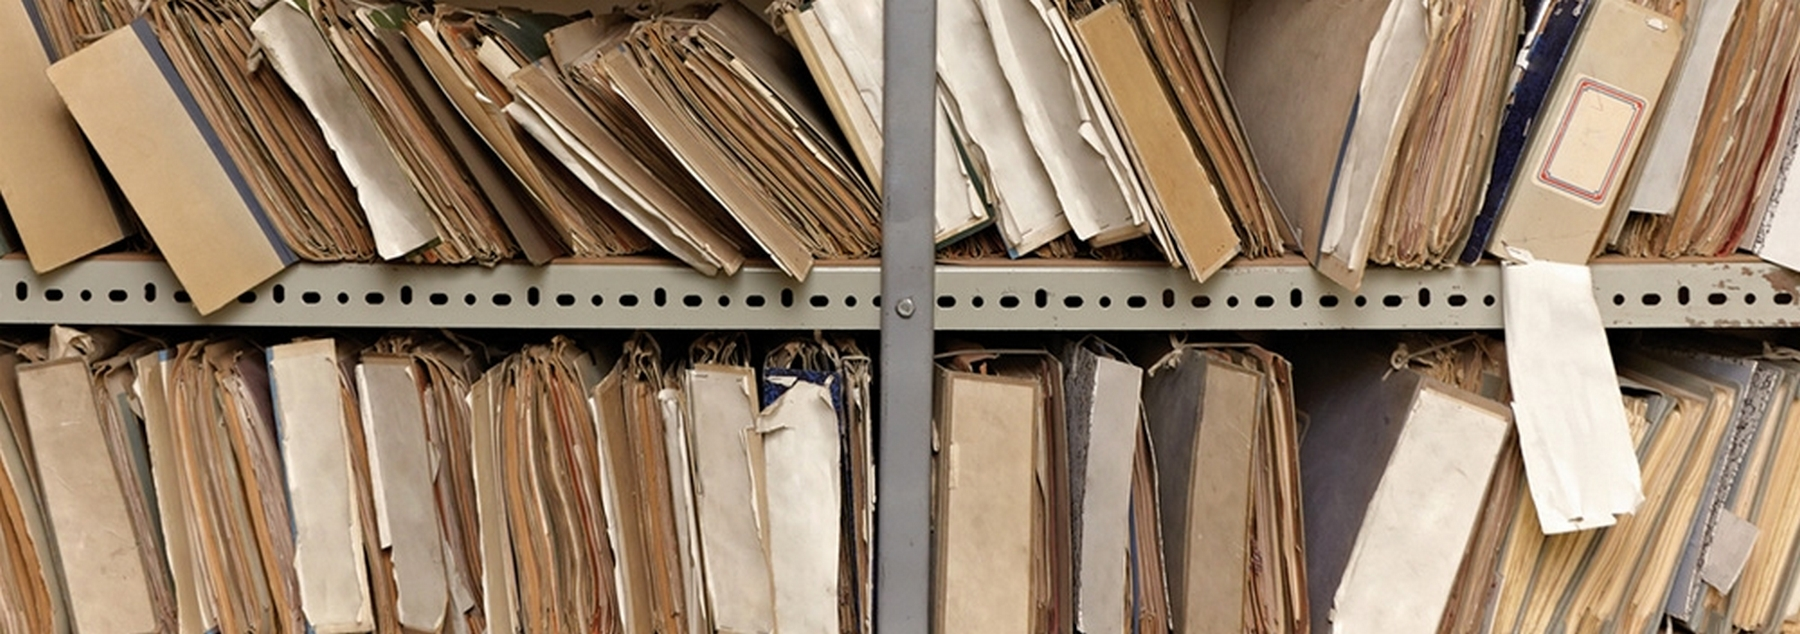 stare arhive